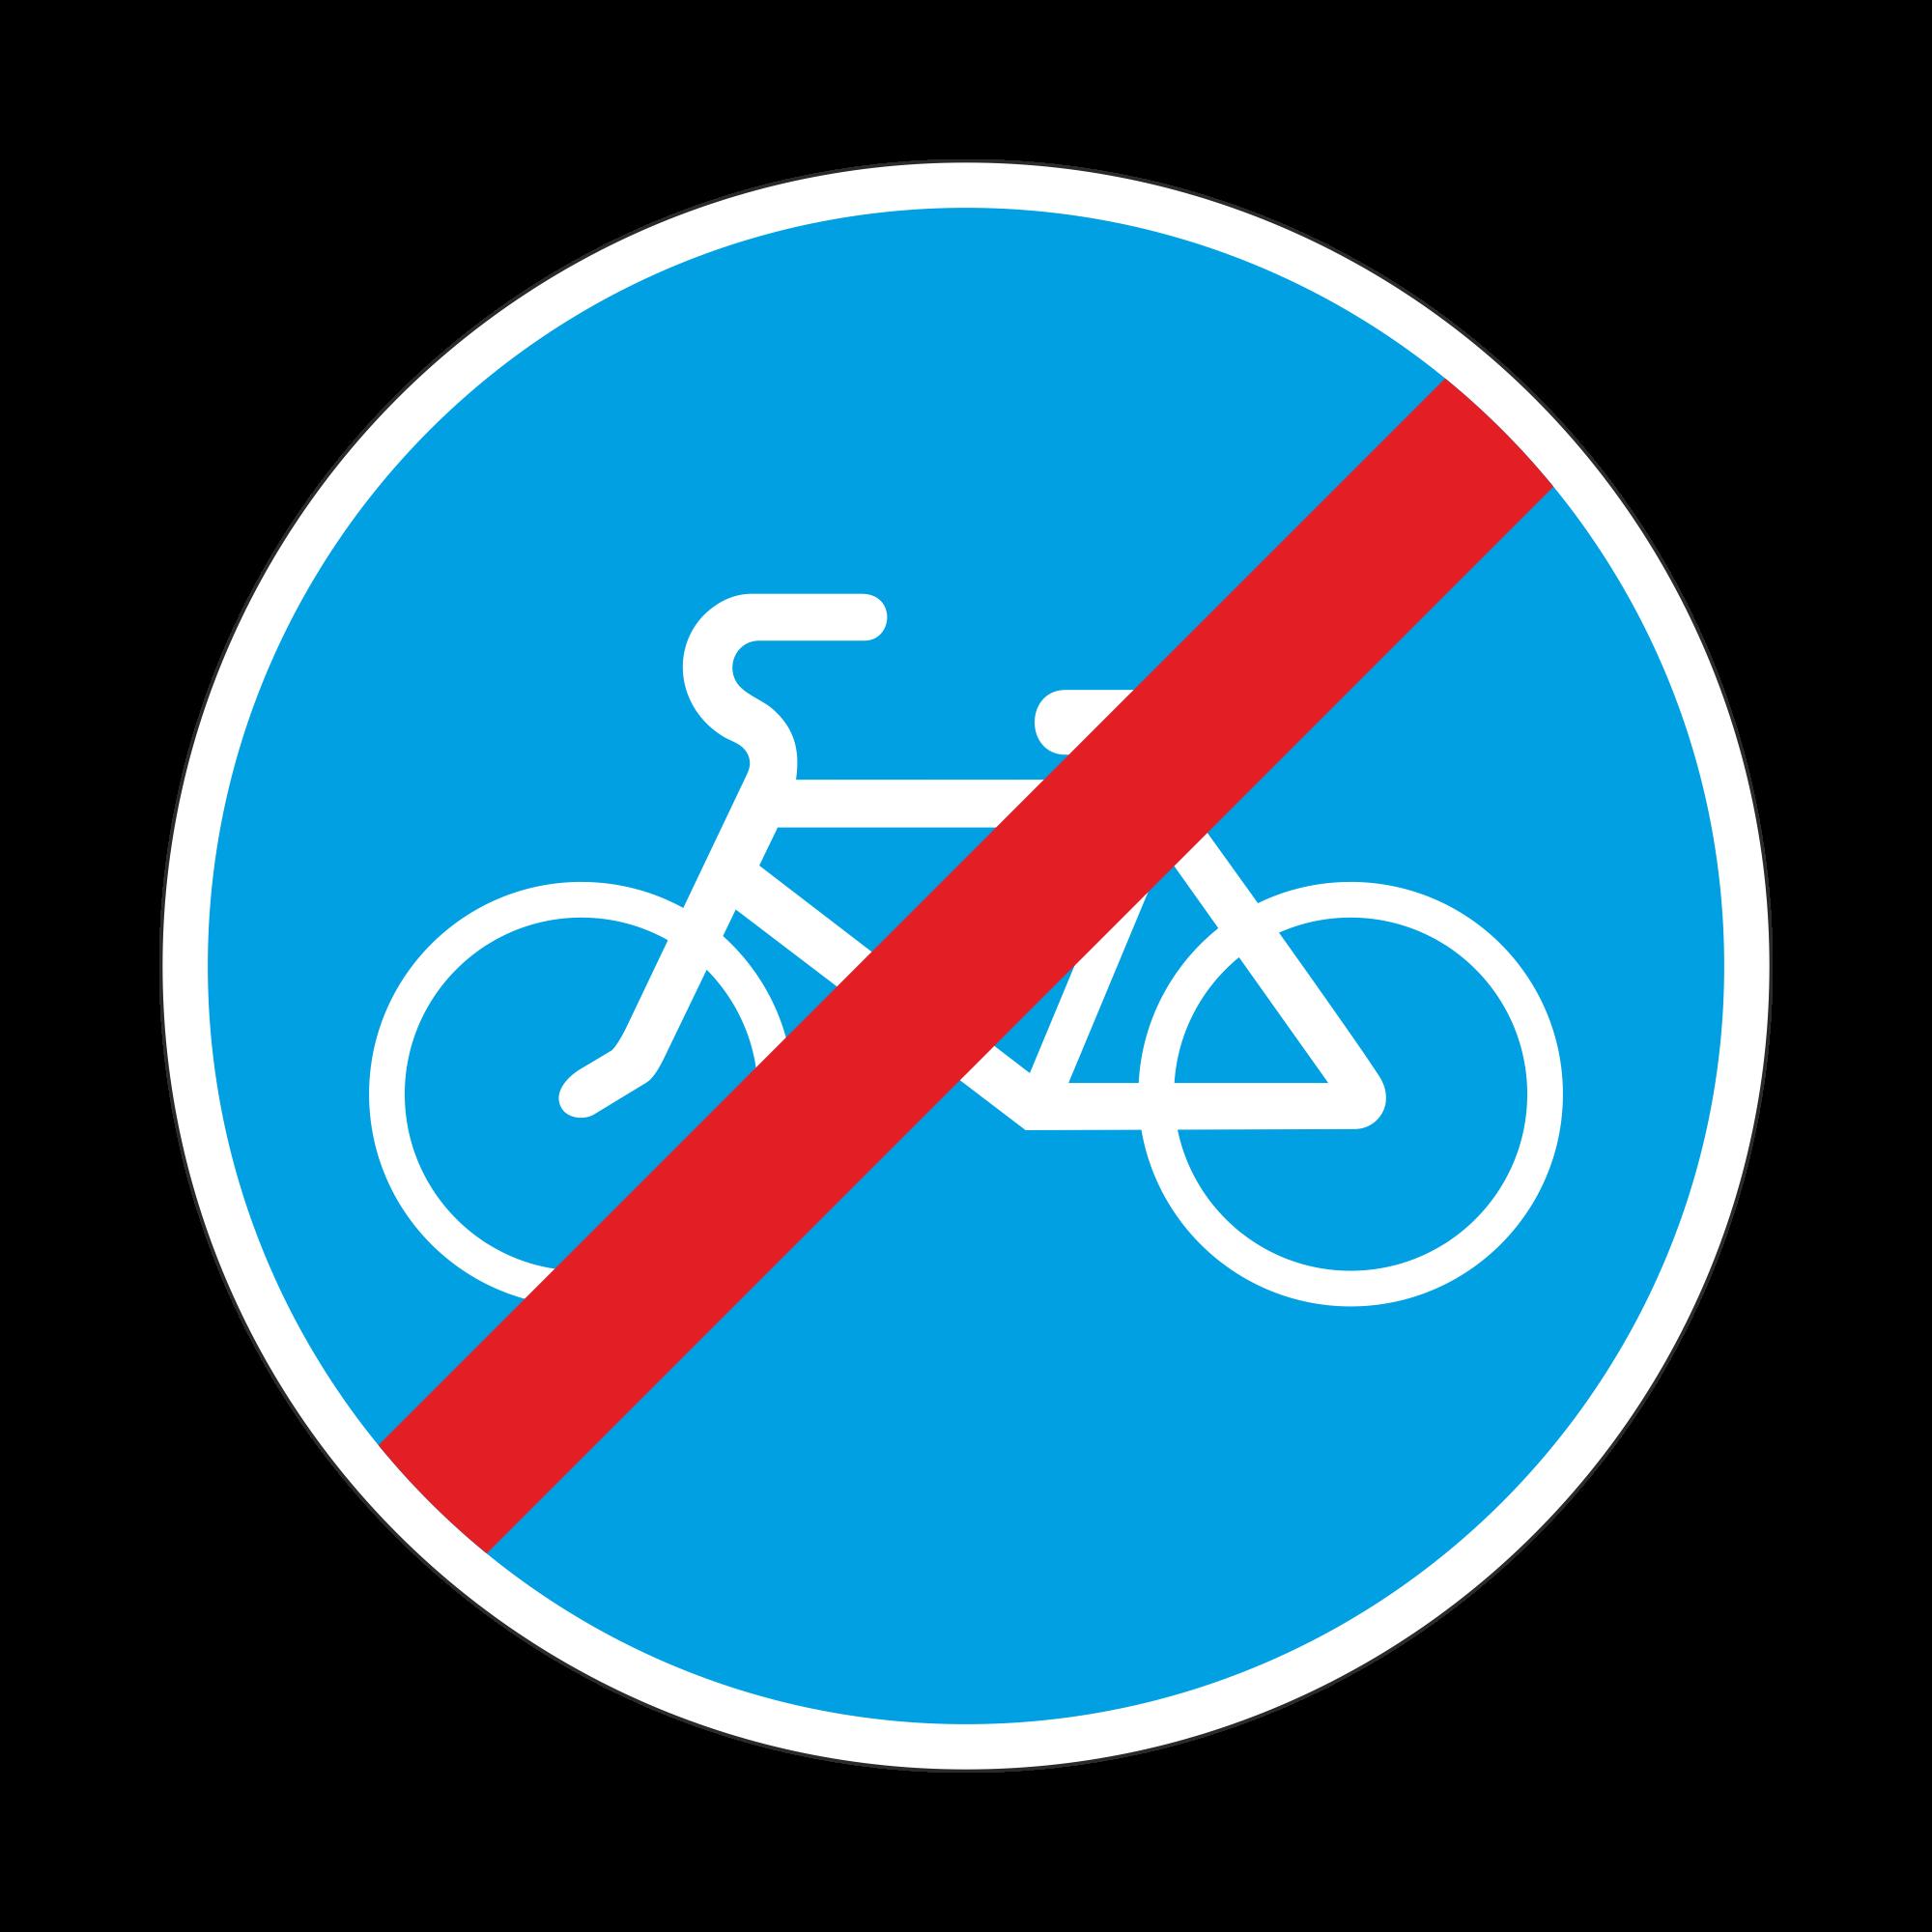 4.4.2 Конец велосипедной дорожки